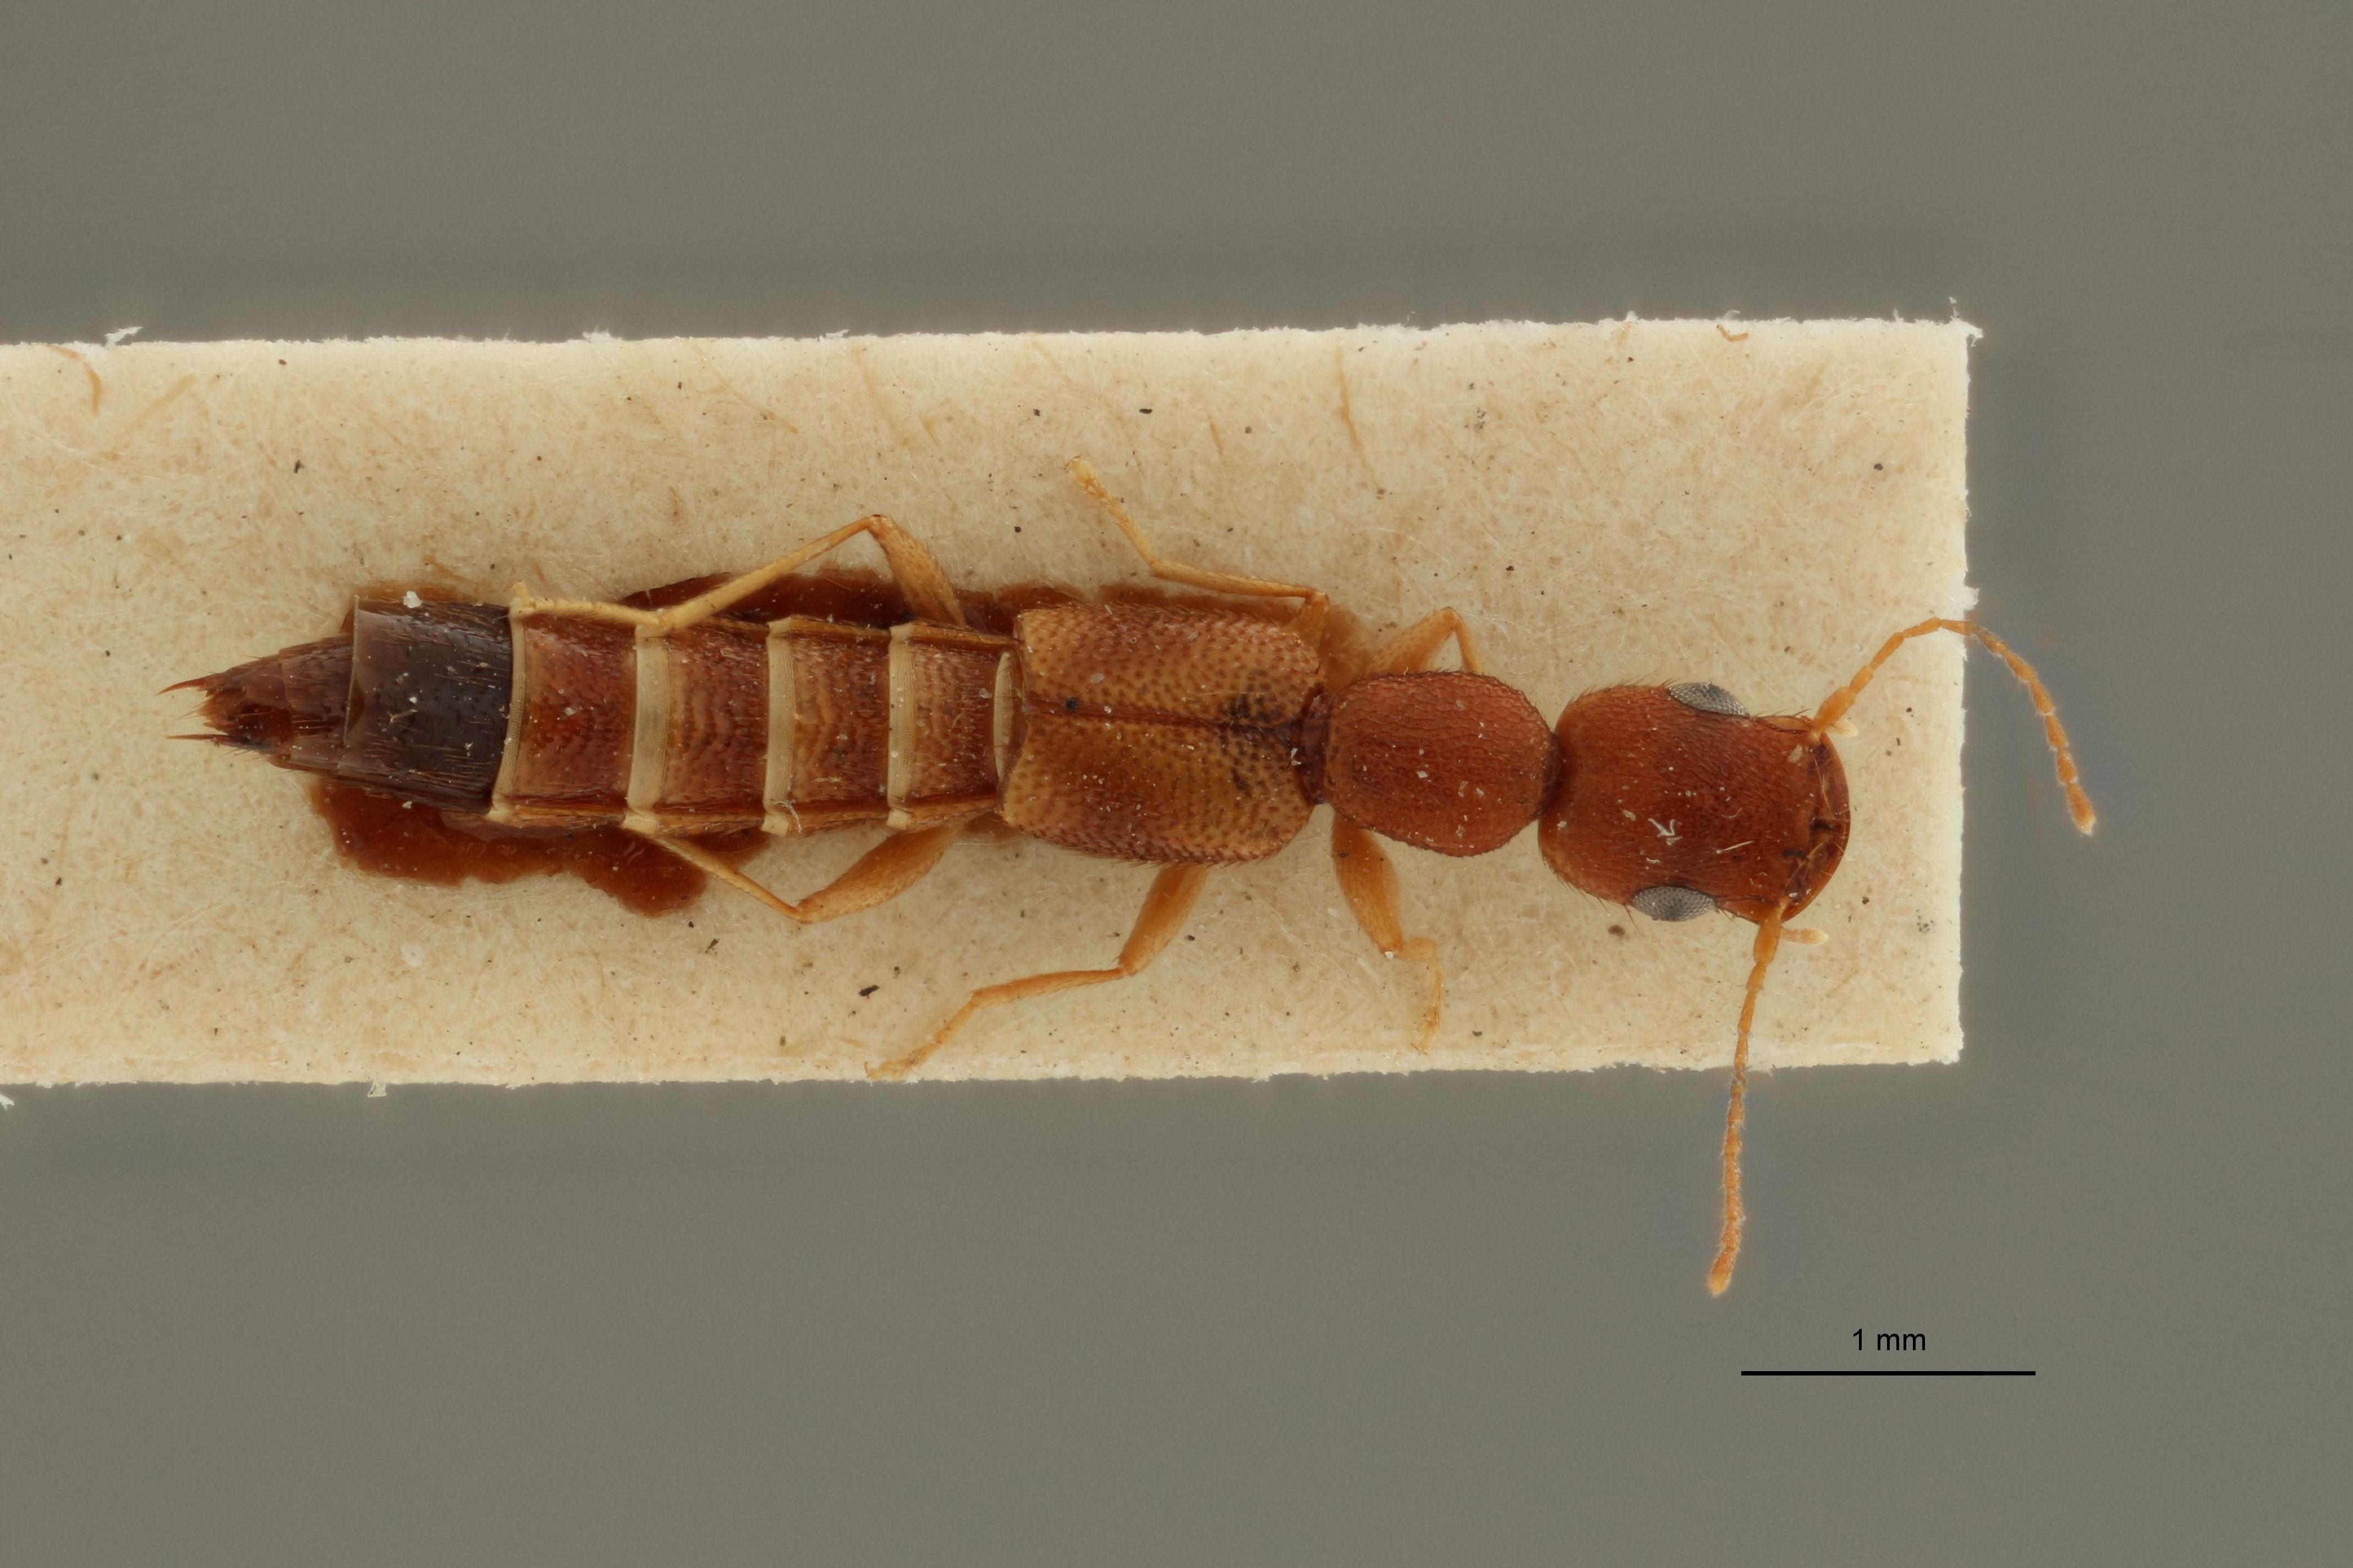 Astenus notatellus ex t D.jpg